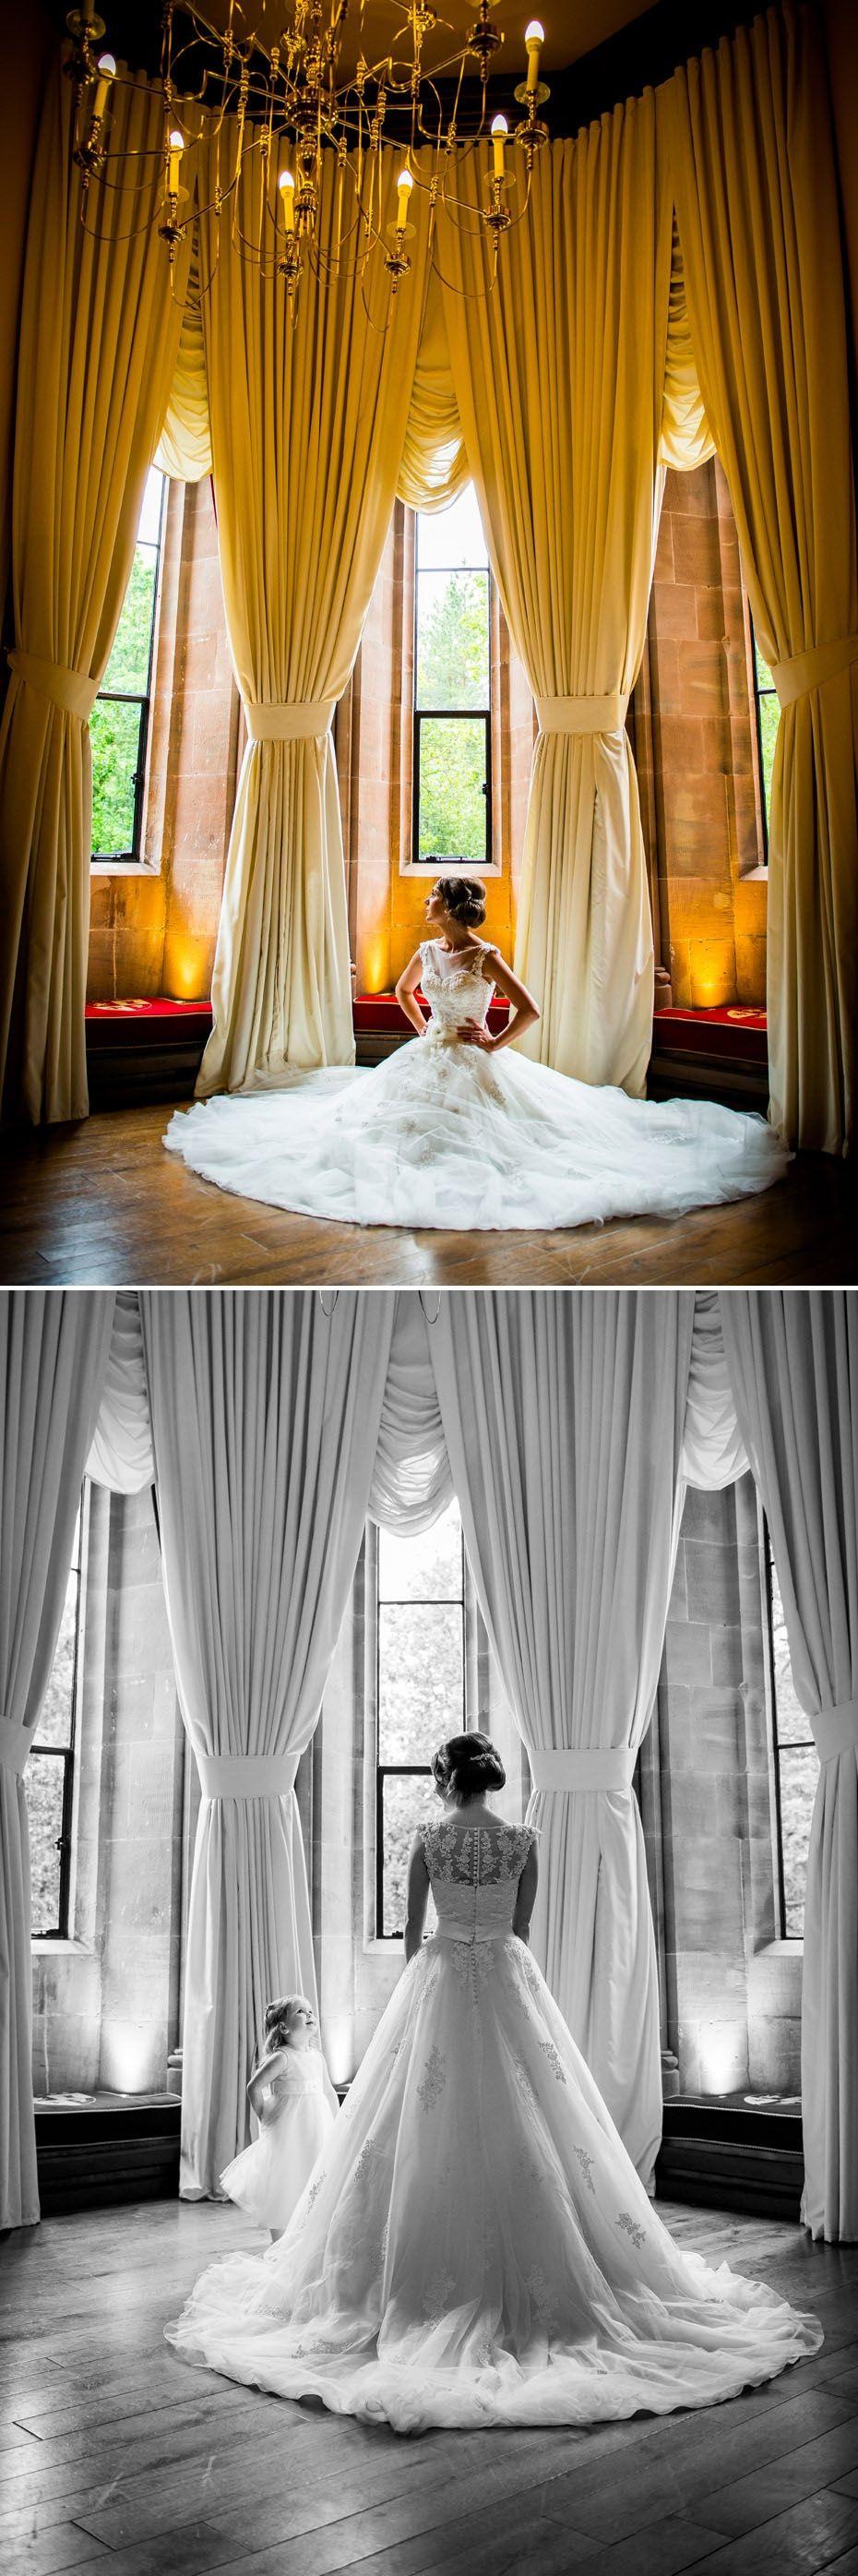 Bride Gorgeous Wedding Dress At Peckforton Castle Cheshire Venue